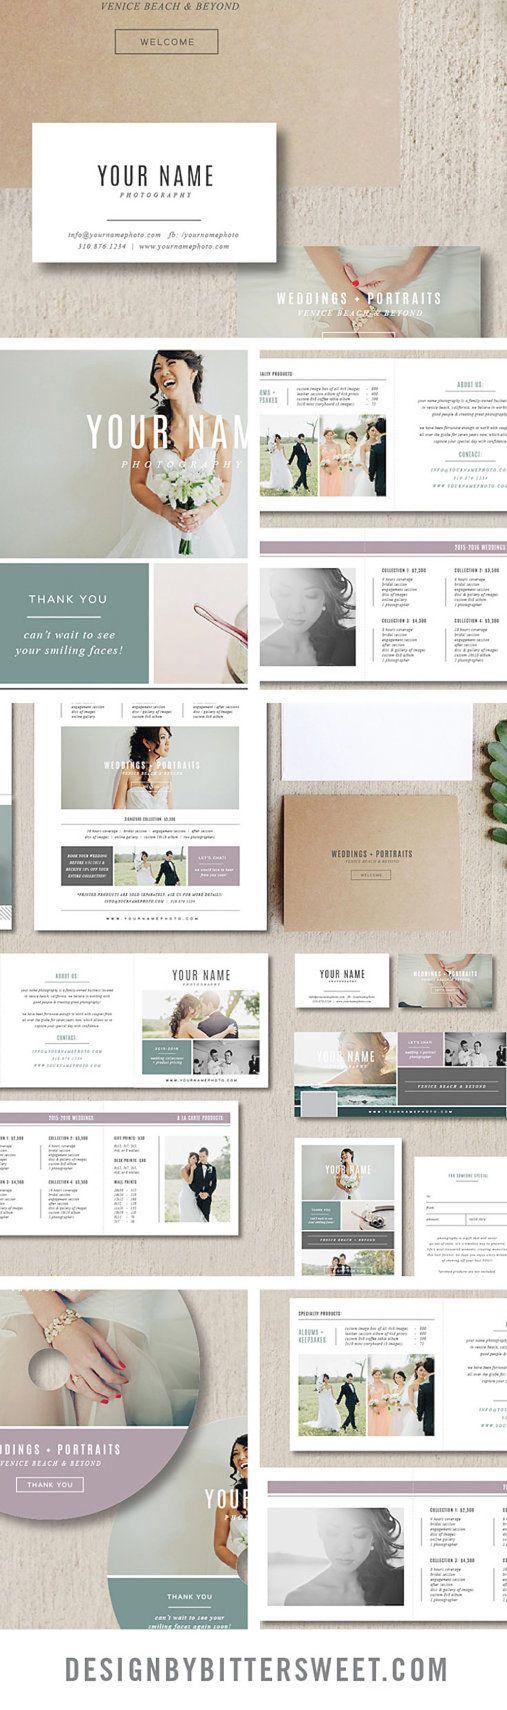 Boda fotógrafo Marketing conjunto foto por designbybittersweet